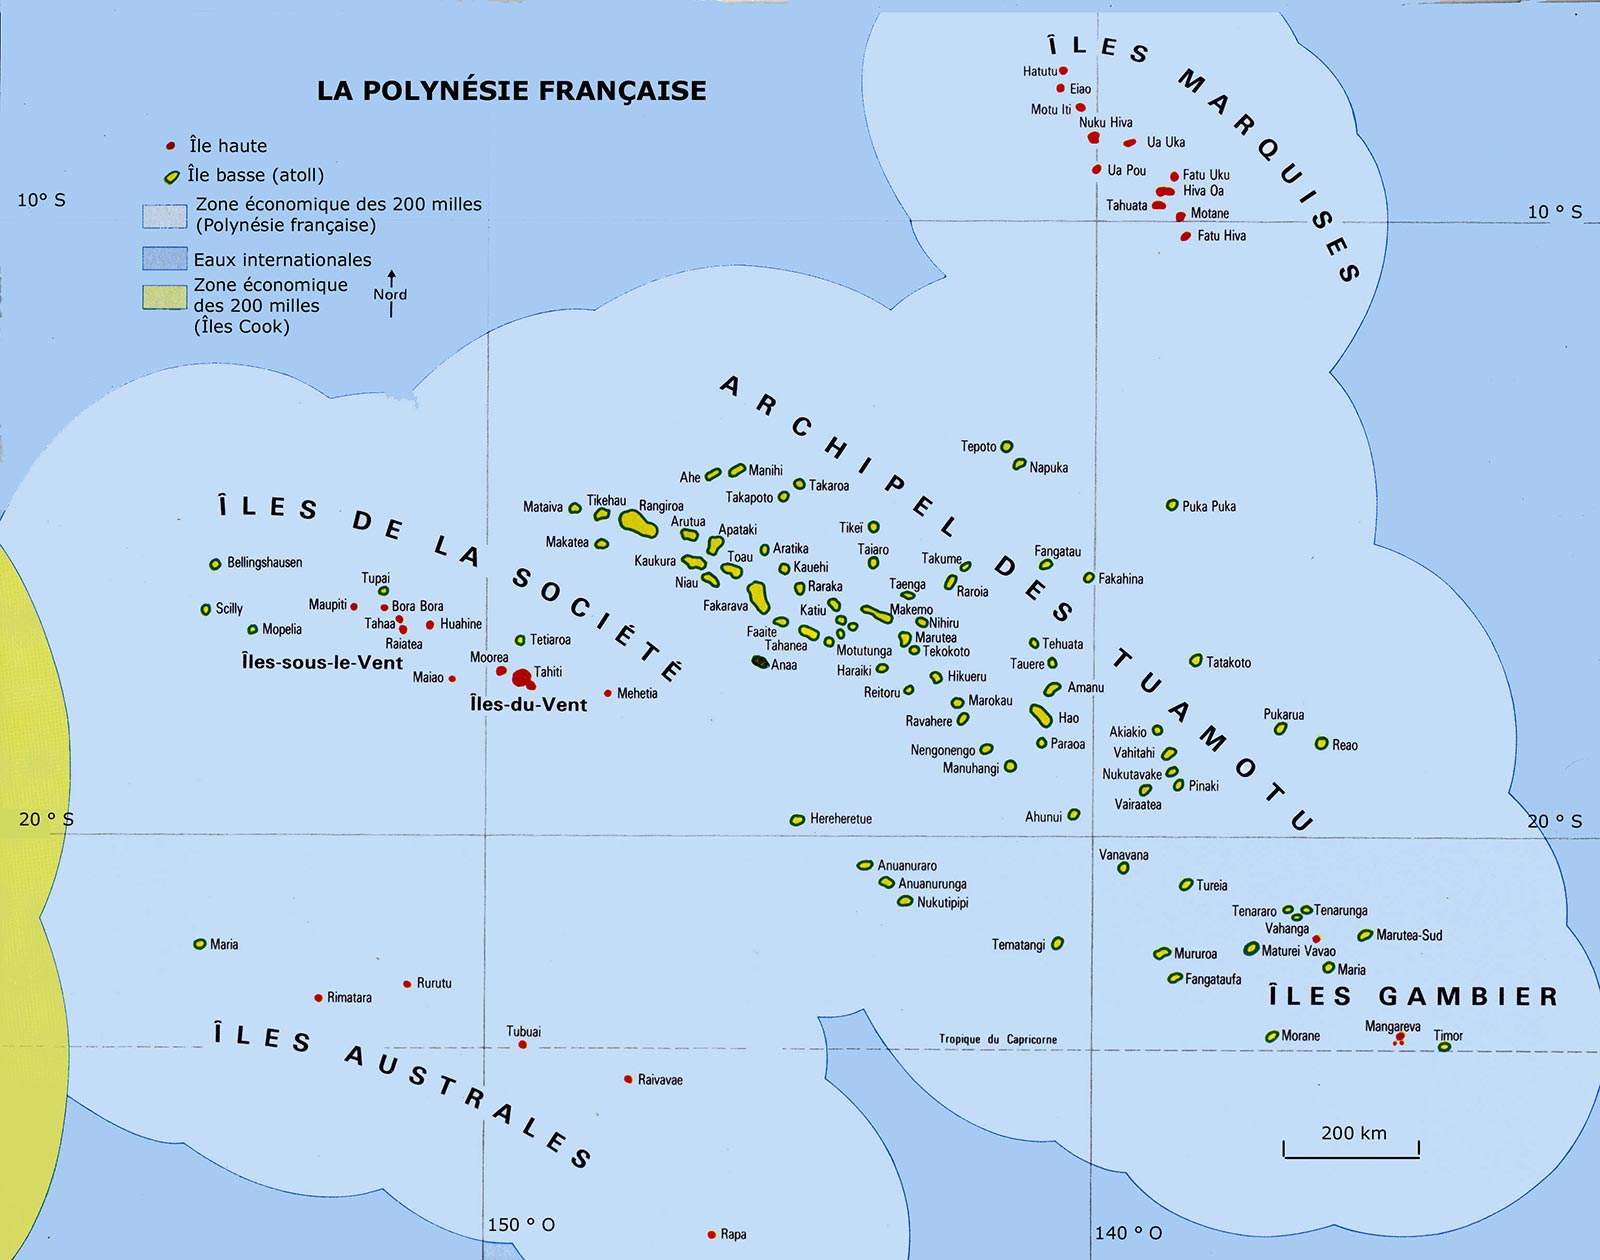 L'île de Ua Pou est située dans l'archipel des Marquises, à 1 400 km au nord de Tahiti